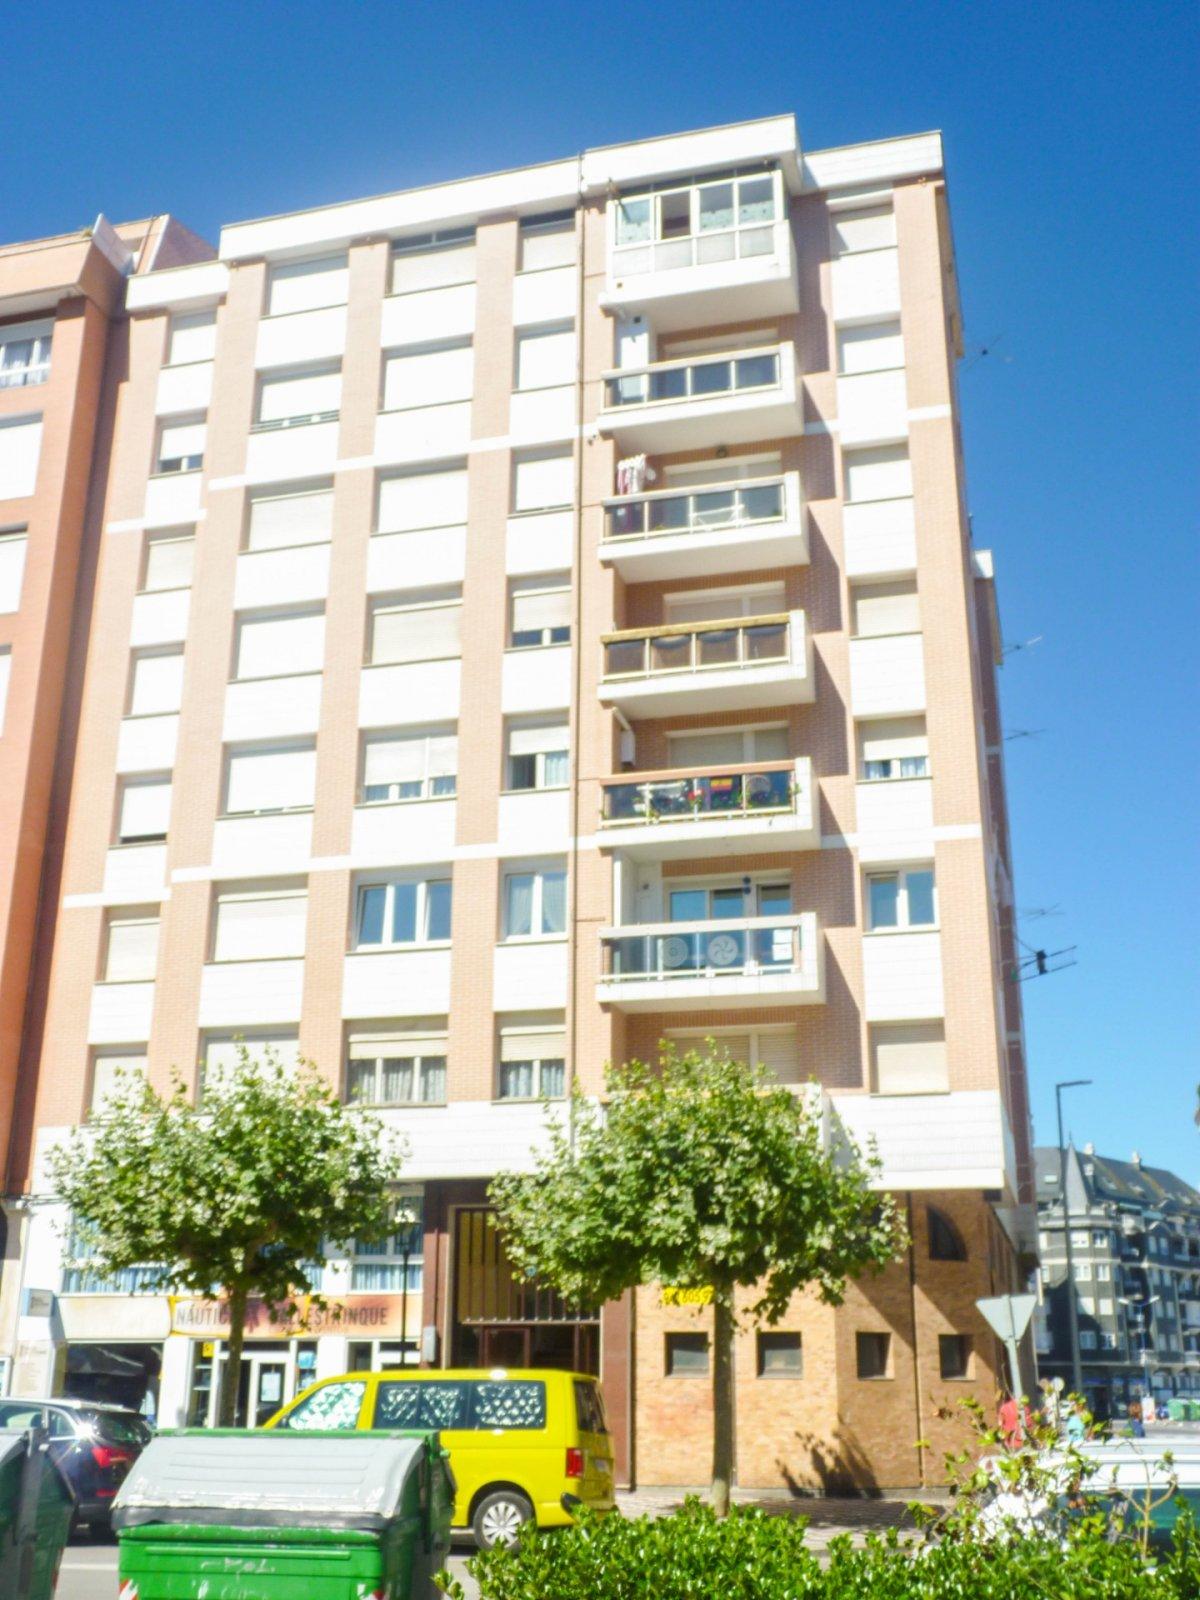 Piso en venta en Laredo  de 3 Habitaciones, 1 Baño y 84 m2 por 169.000 €.